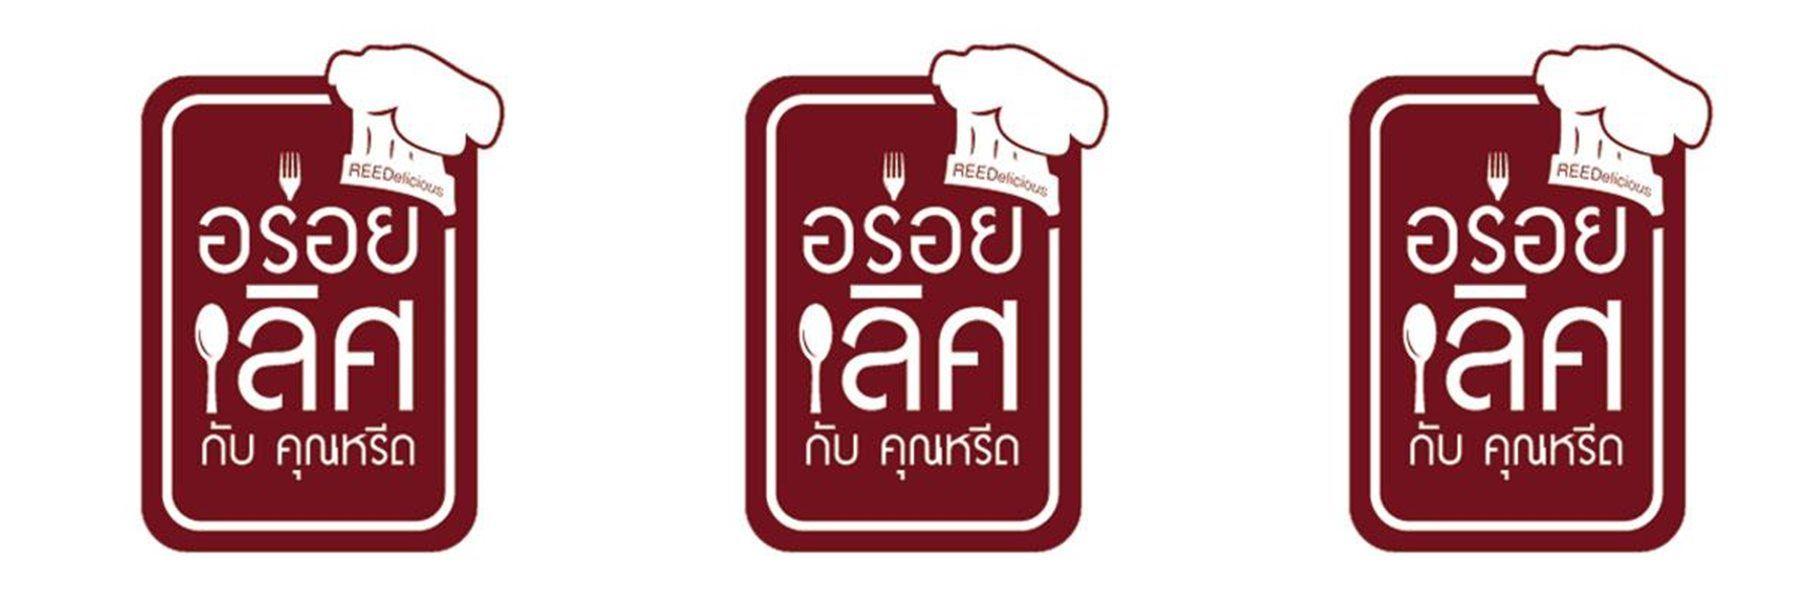 ดูละครย้อนหลัง The Golden Palace (ครั้งที่ 2) I อร่อยเลิศกับคุณหรีด ห้องอาหารจีน